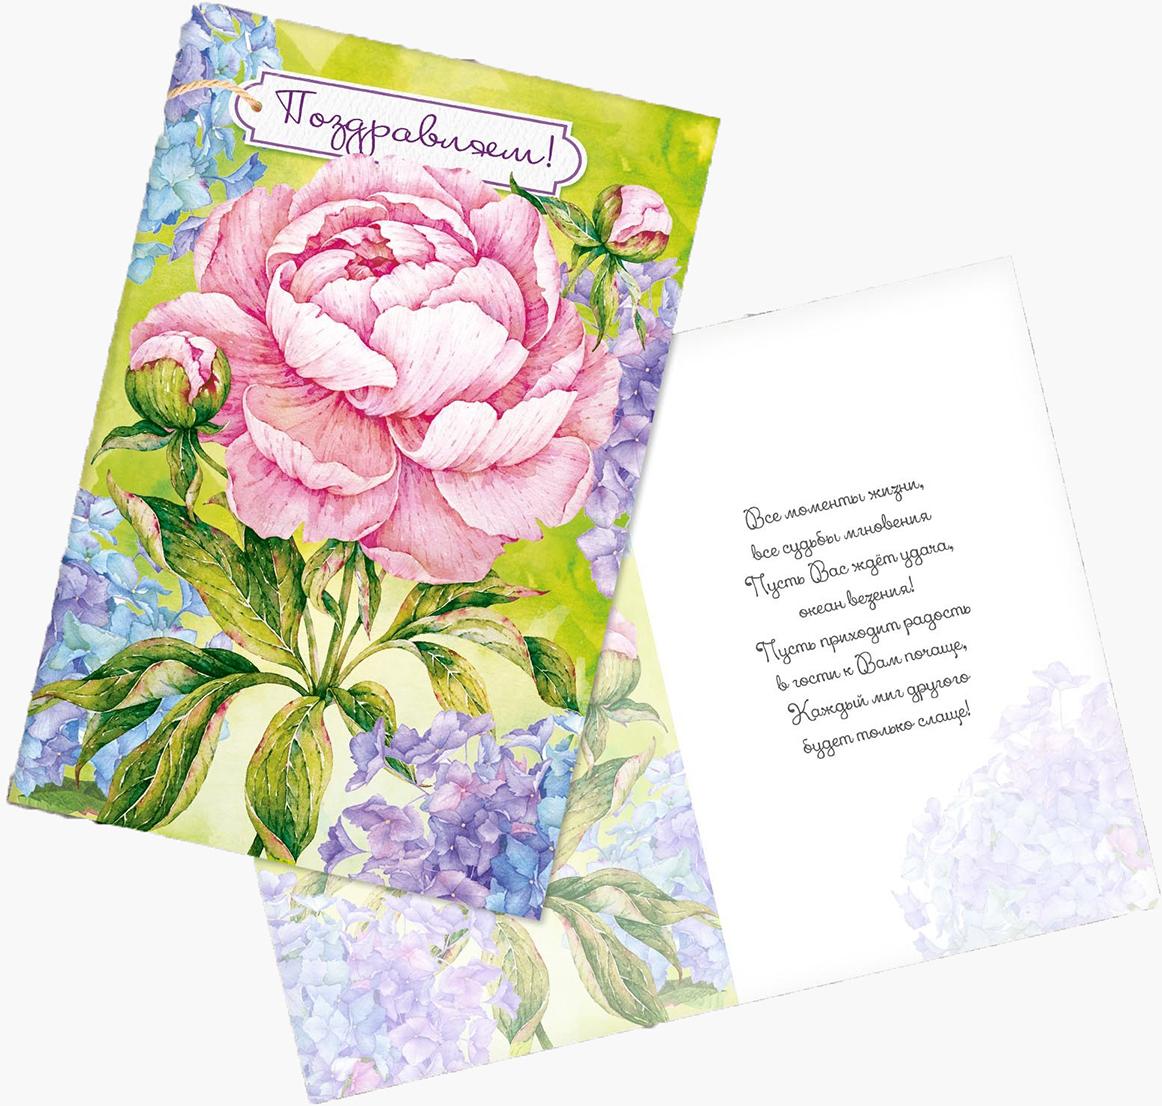 Открытка Дарите Счастье Поздравляю. Большой пион, 12 х 18 см2896103Выразить свои чувства и дополнить основной подарок тёплыми словами вам поможет открытка Дарите Счастье Поздравляю. Большой пион. С ней ваше пожелание «Счастья, любви и здоровья» приобретёт трепетный и душевный подтекст. А воспоминания о праздничном дне ещё долго будут радовать адресата.